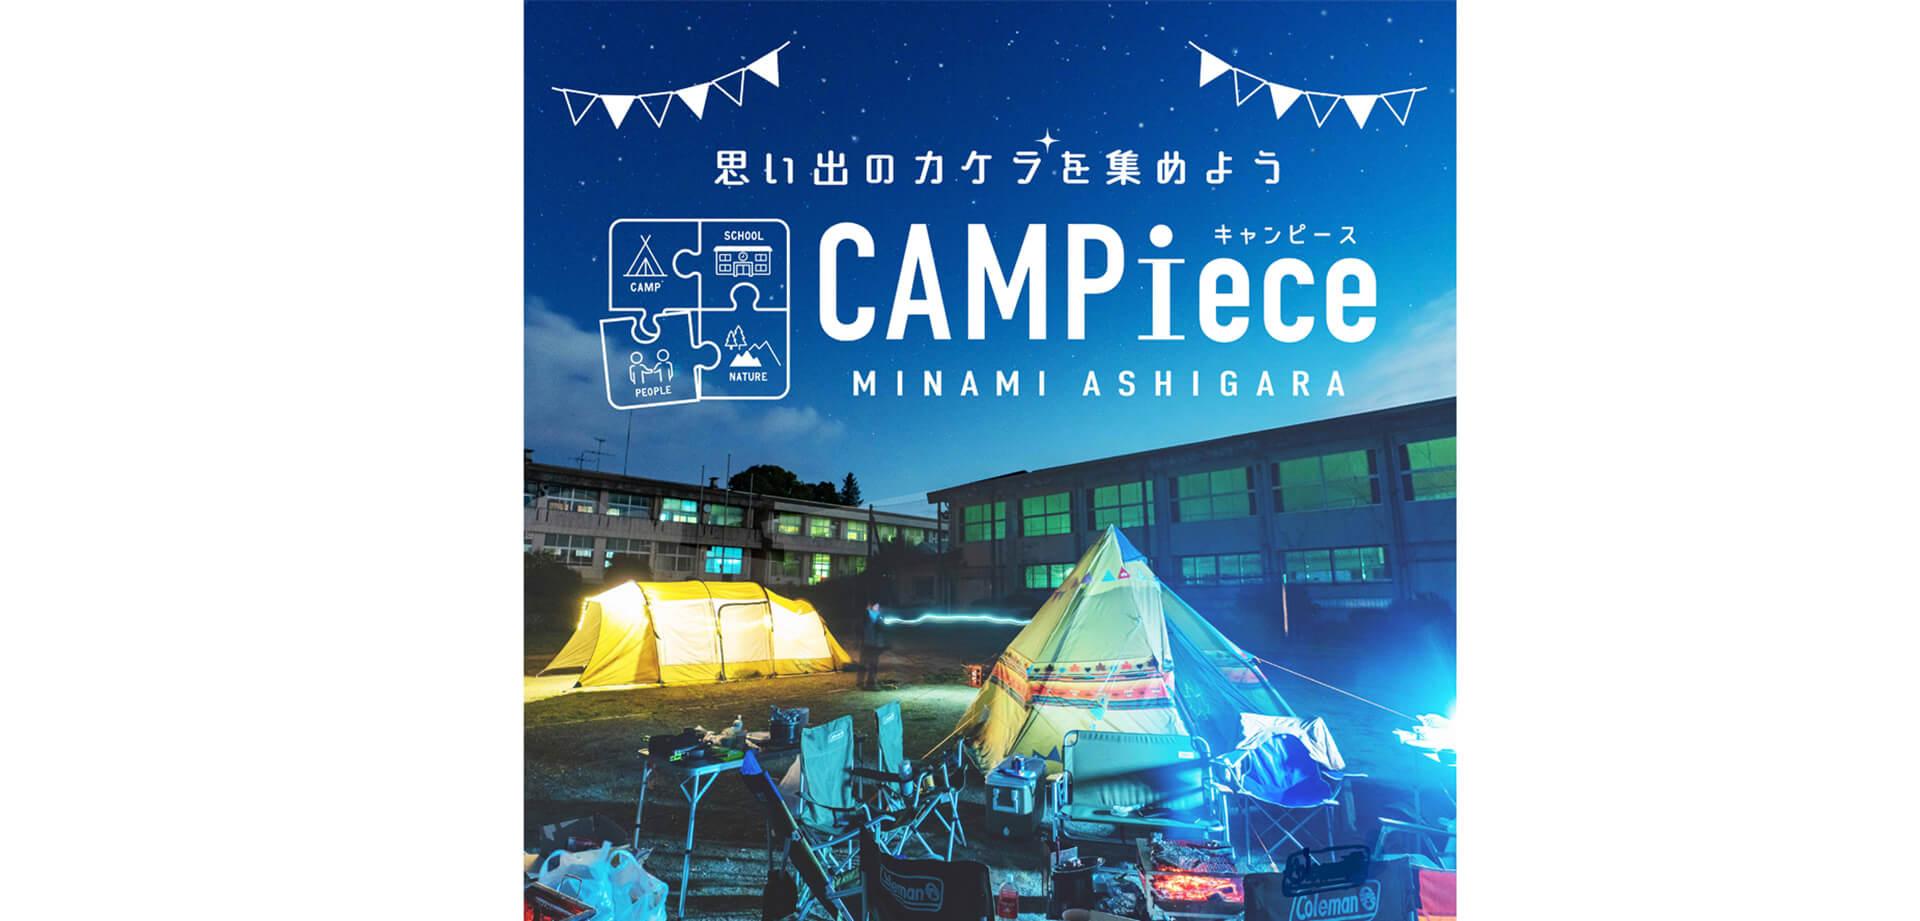 神奈川県南足柄市廃校キャンプ場 「CAMPiece(キャンピース)」